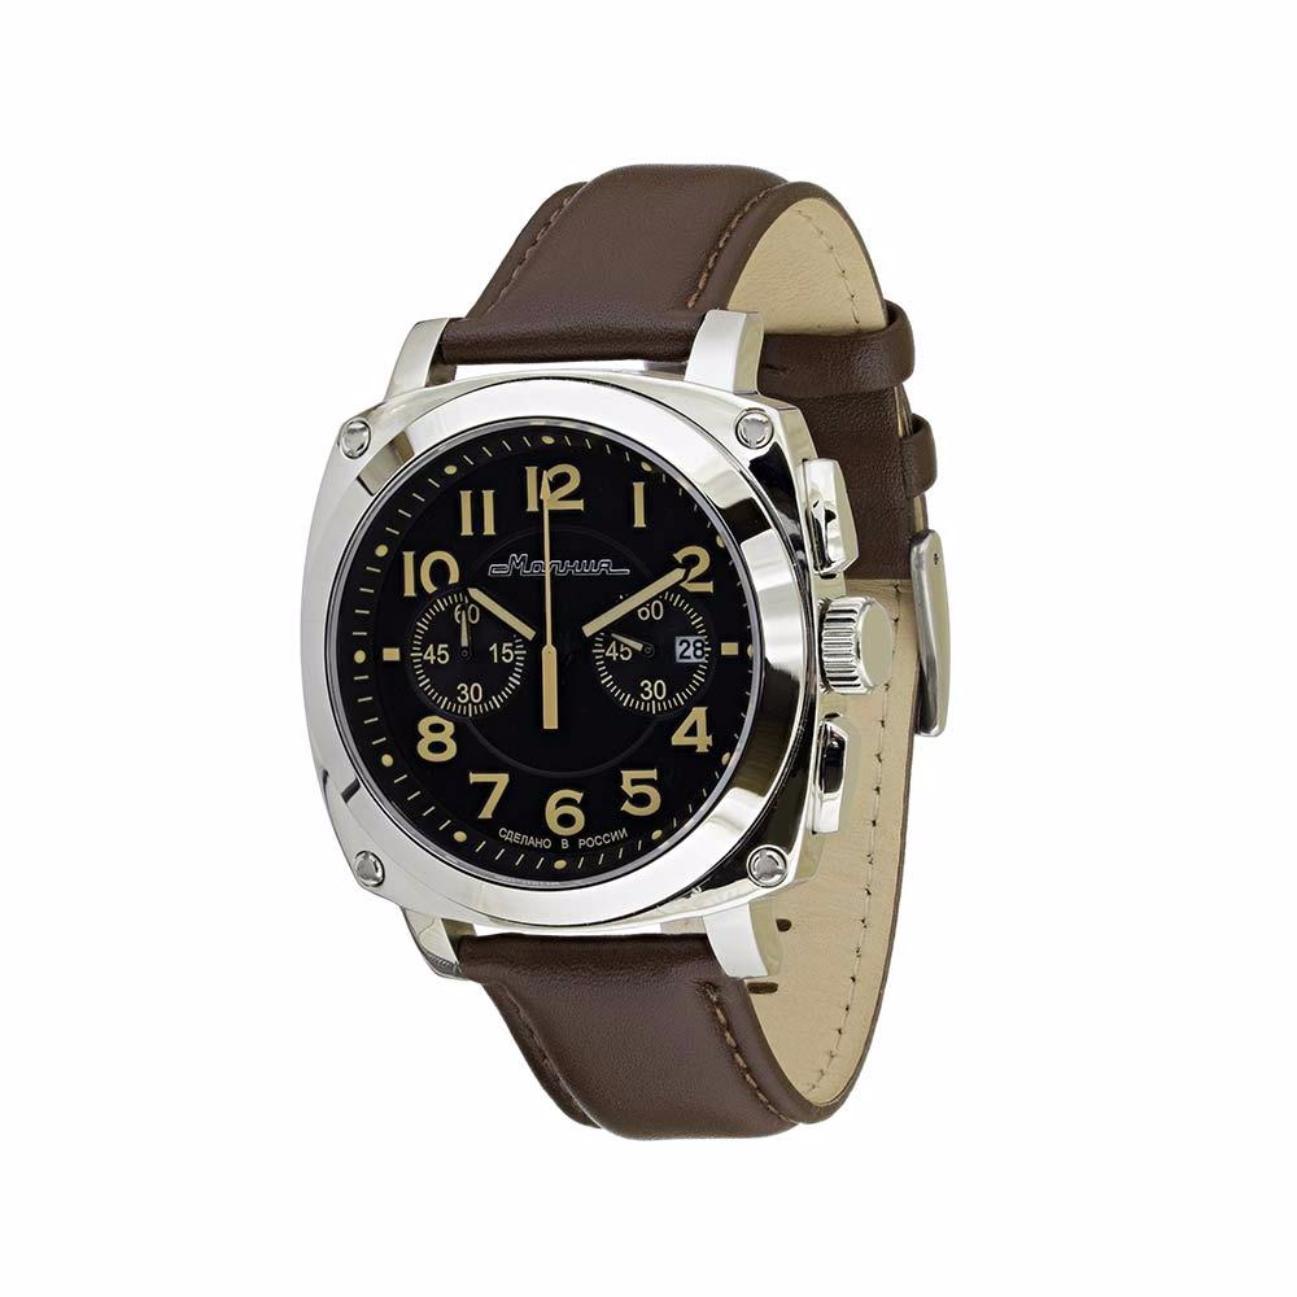 Мужские часы из стали, арт. 0020104